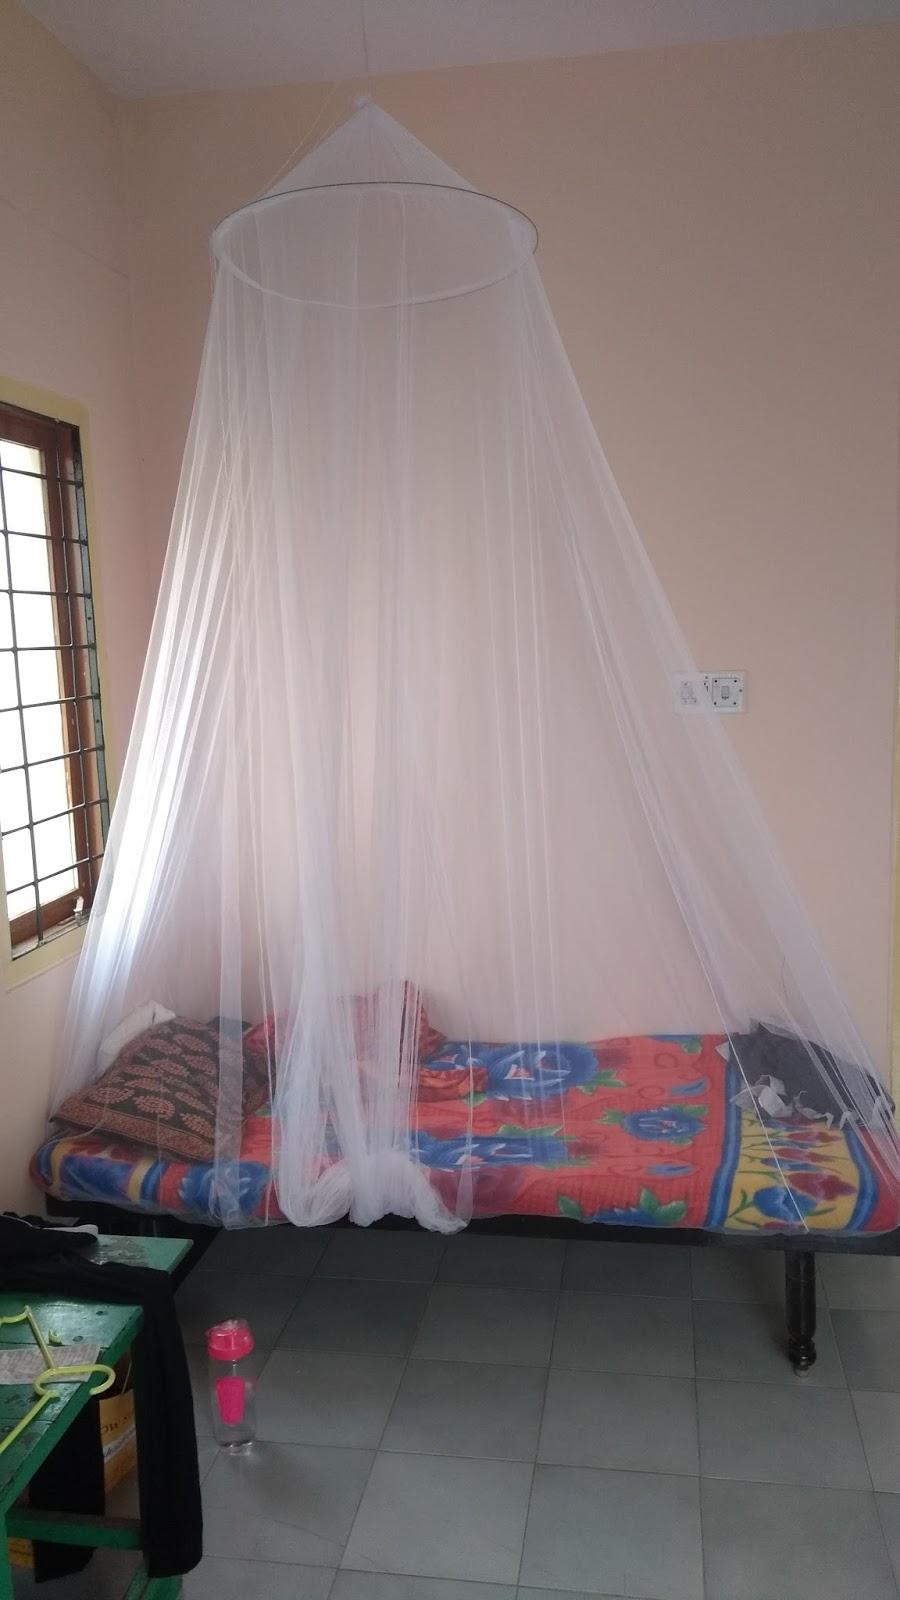 Unsere erste eigene Wohnung ~ Sammohan India